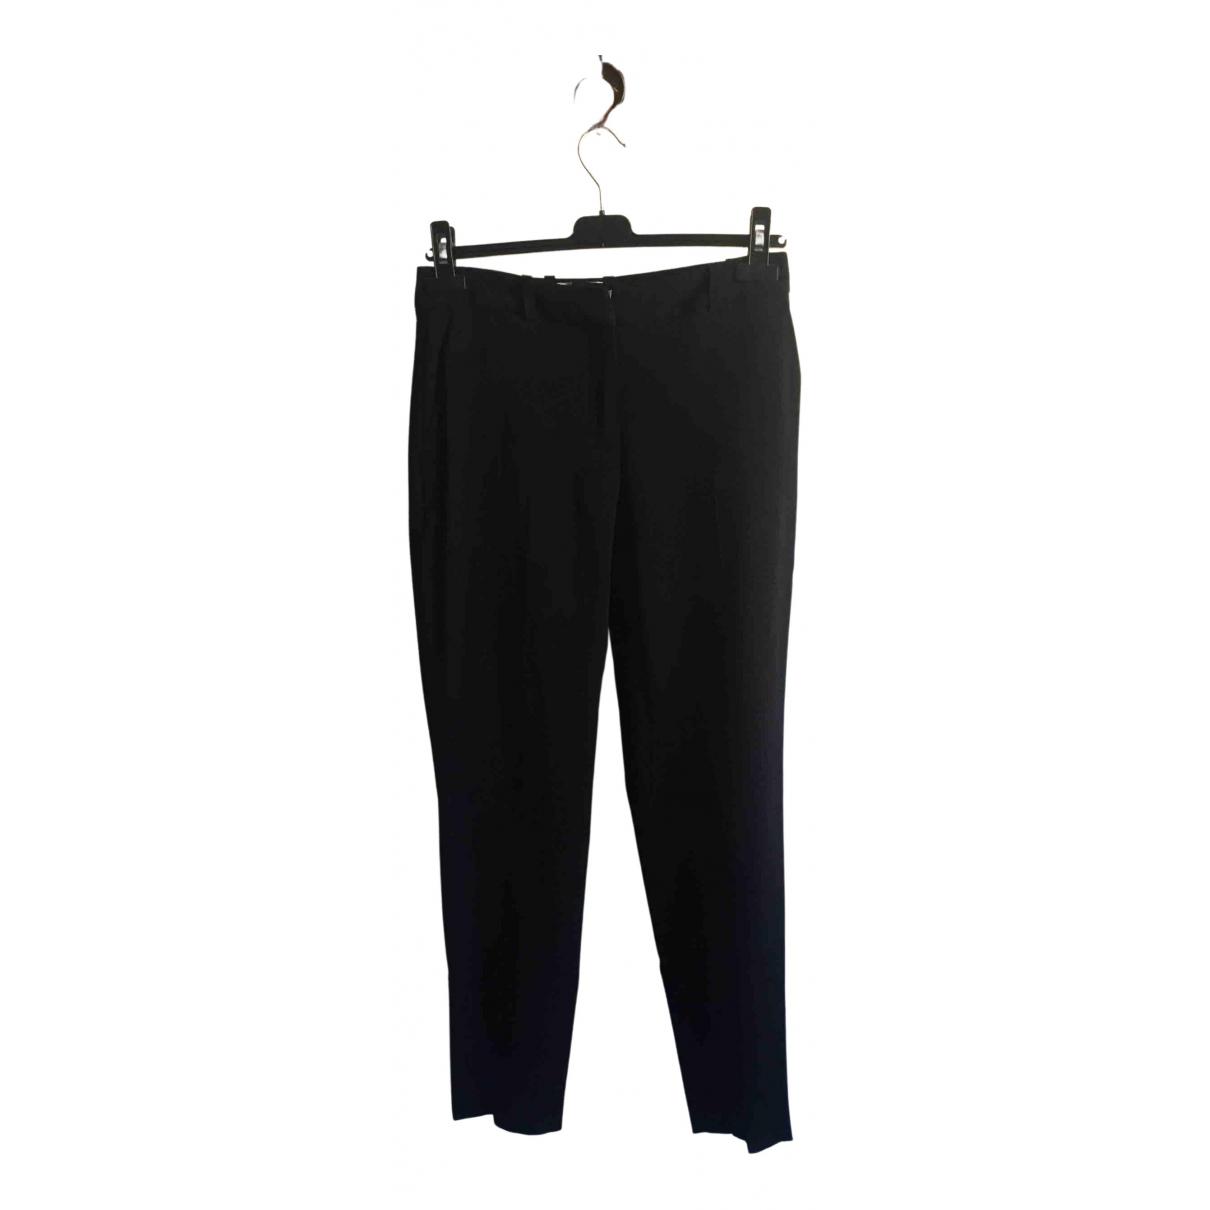 Sézane Trousers